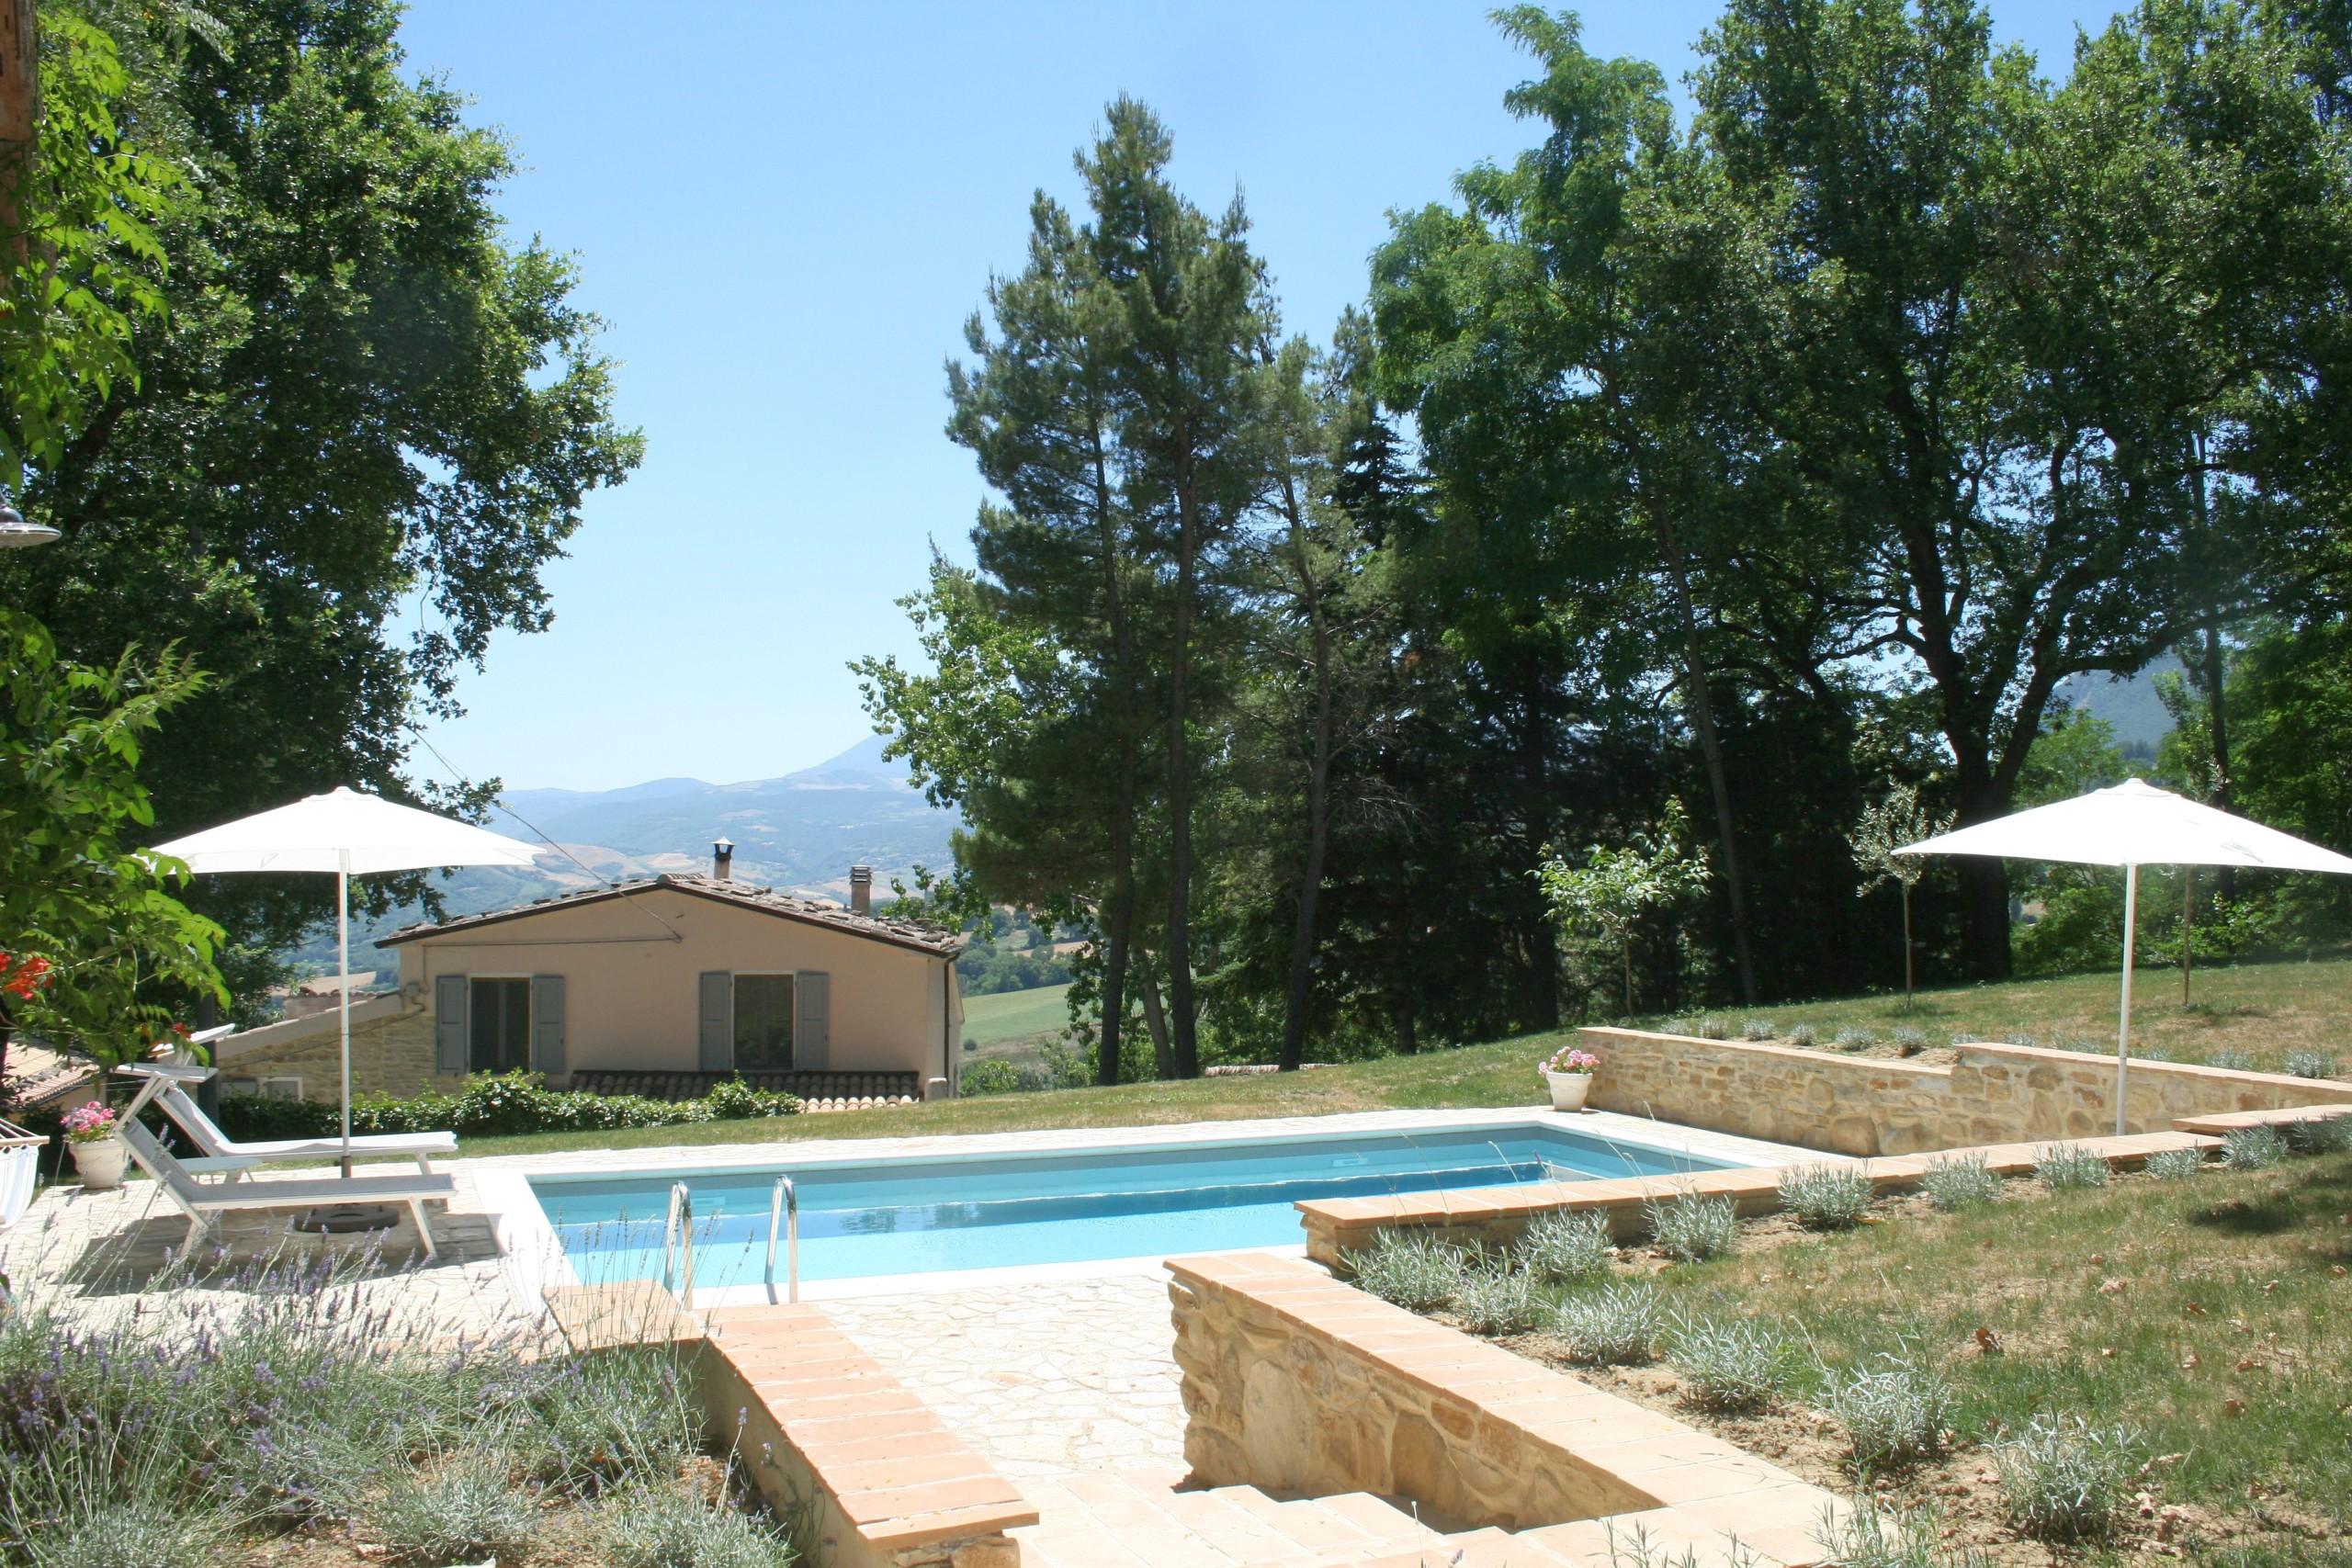 IMG_9025 huis met zwembad